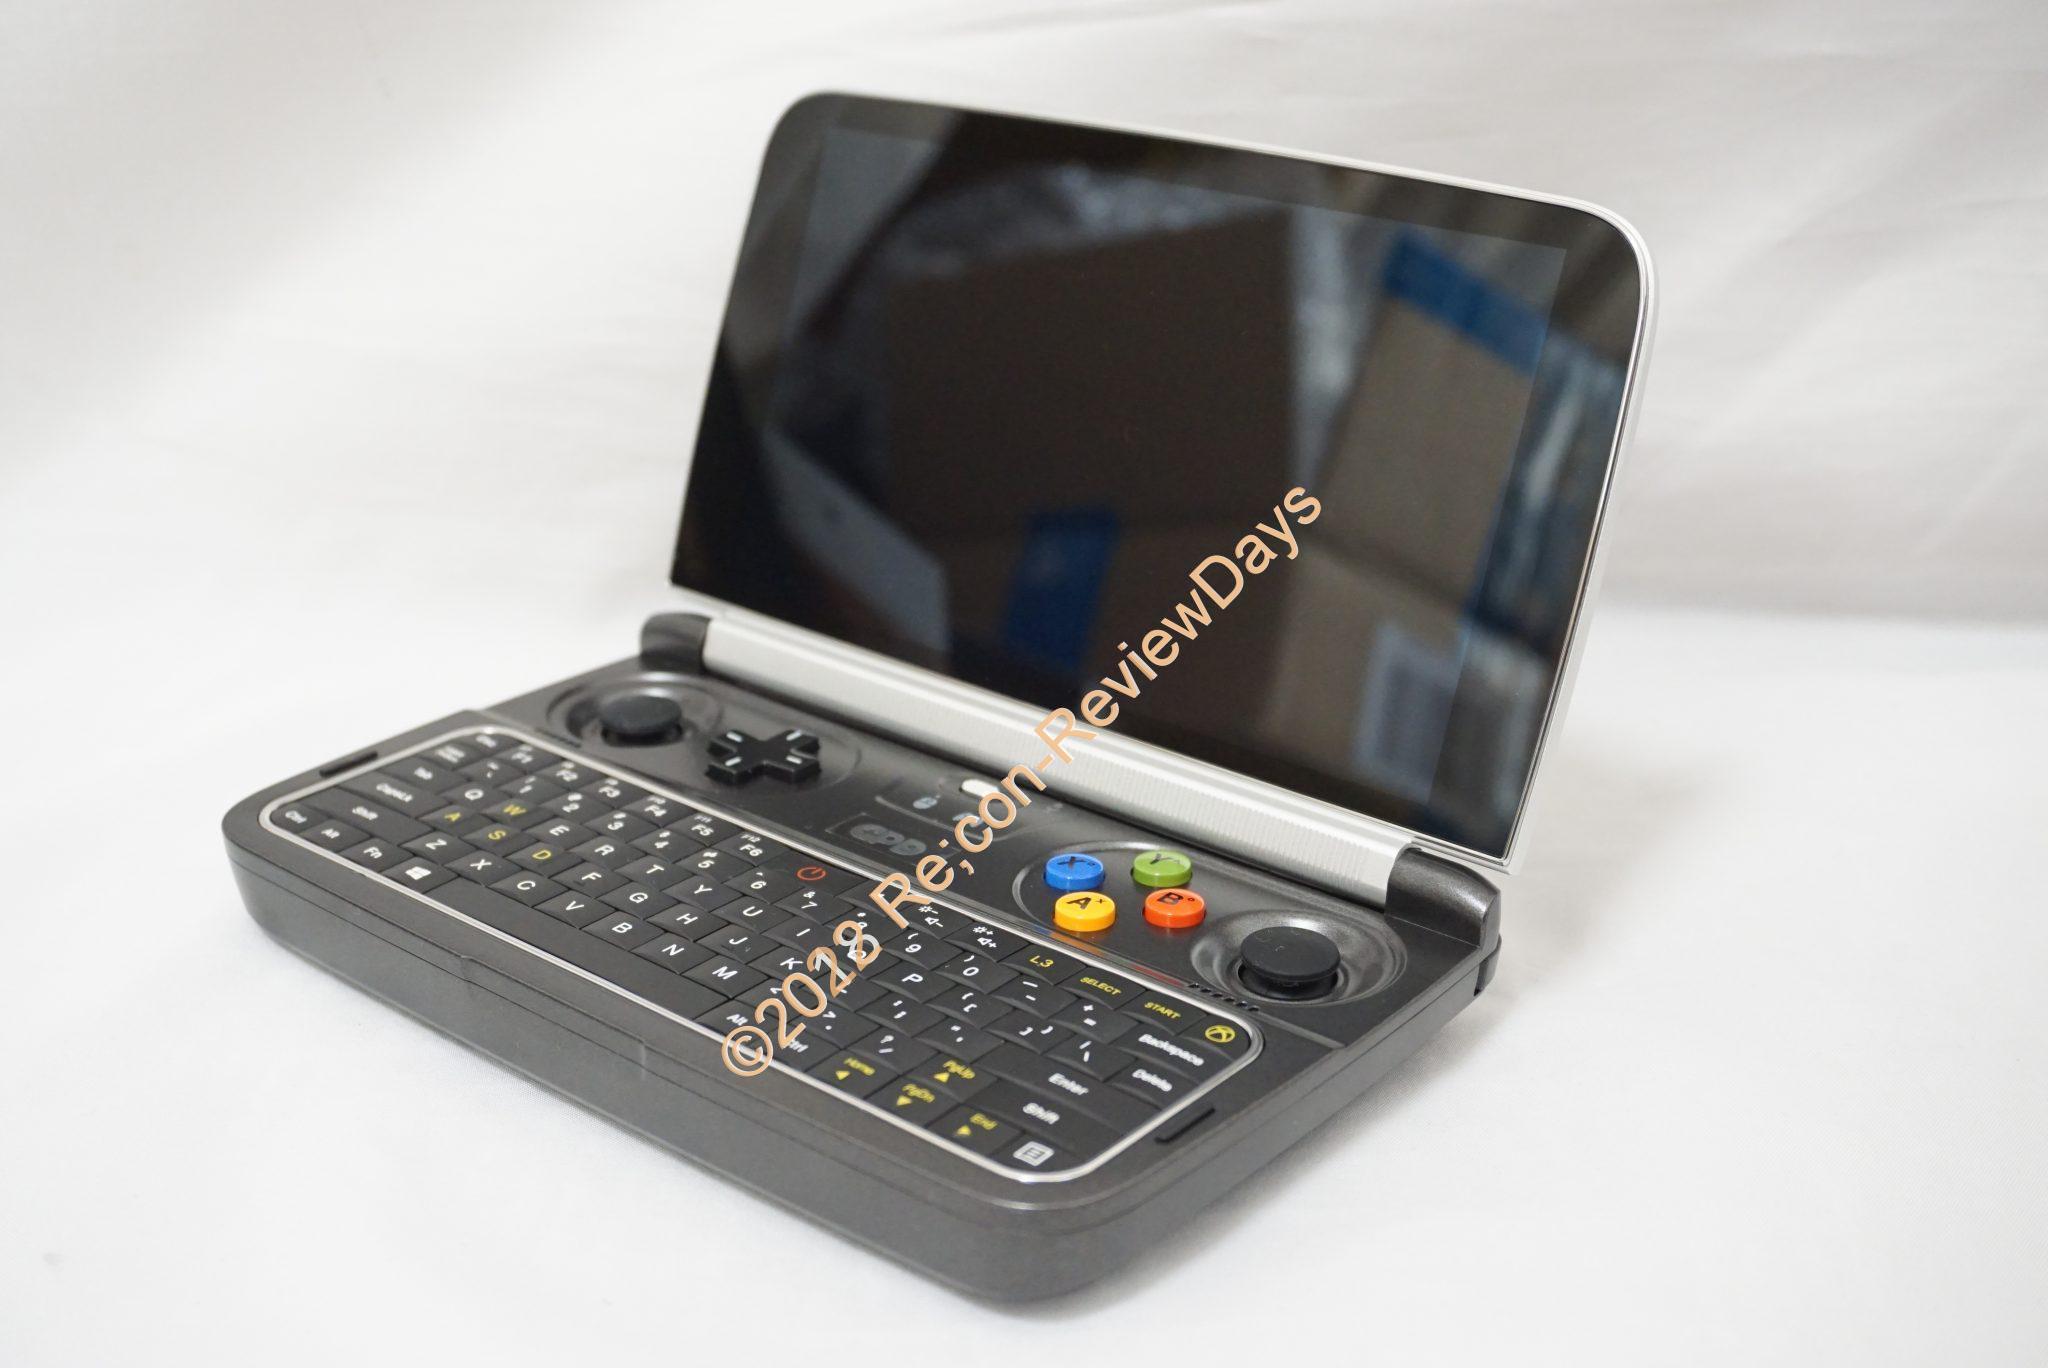 GPD社が作る第2世代目のゲーミングUMPC「GPD Win2」の外観をチェックする #GPD #GPDWin2 #INDIEGOGO #IDG